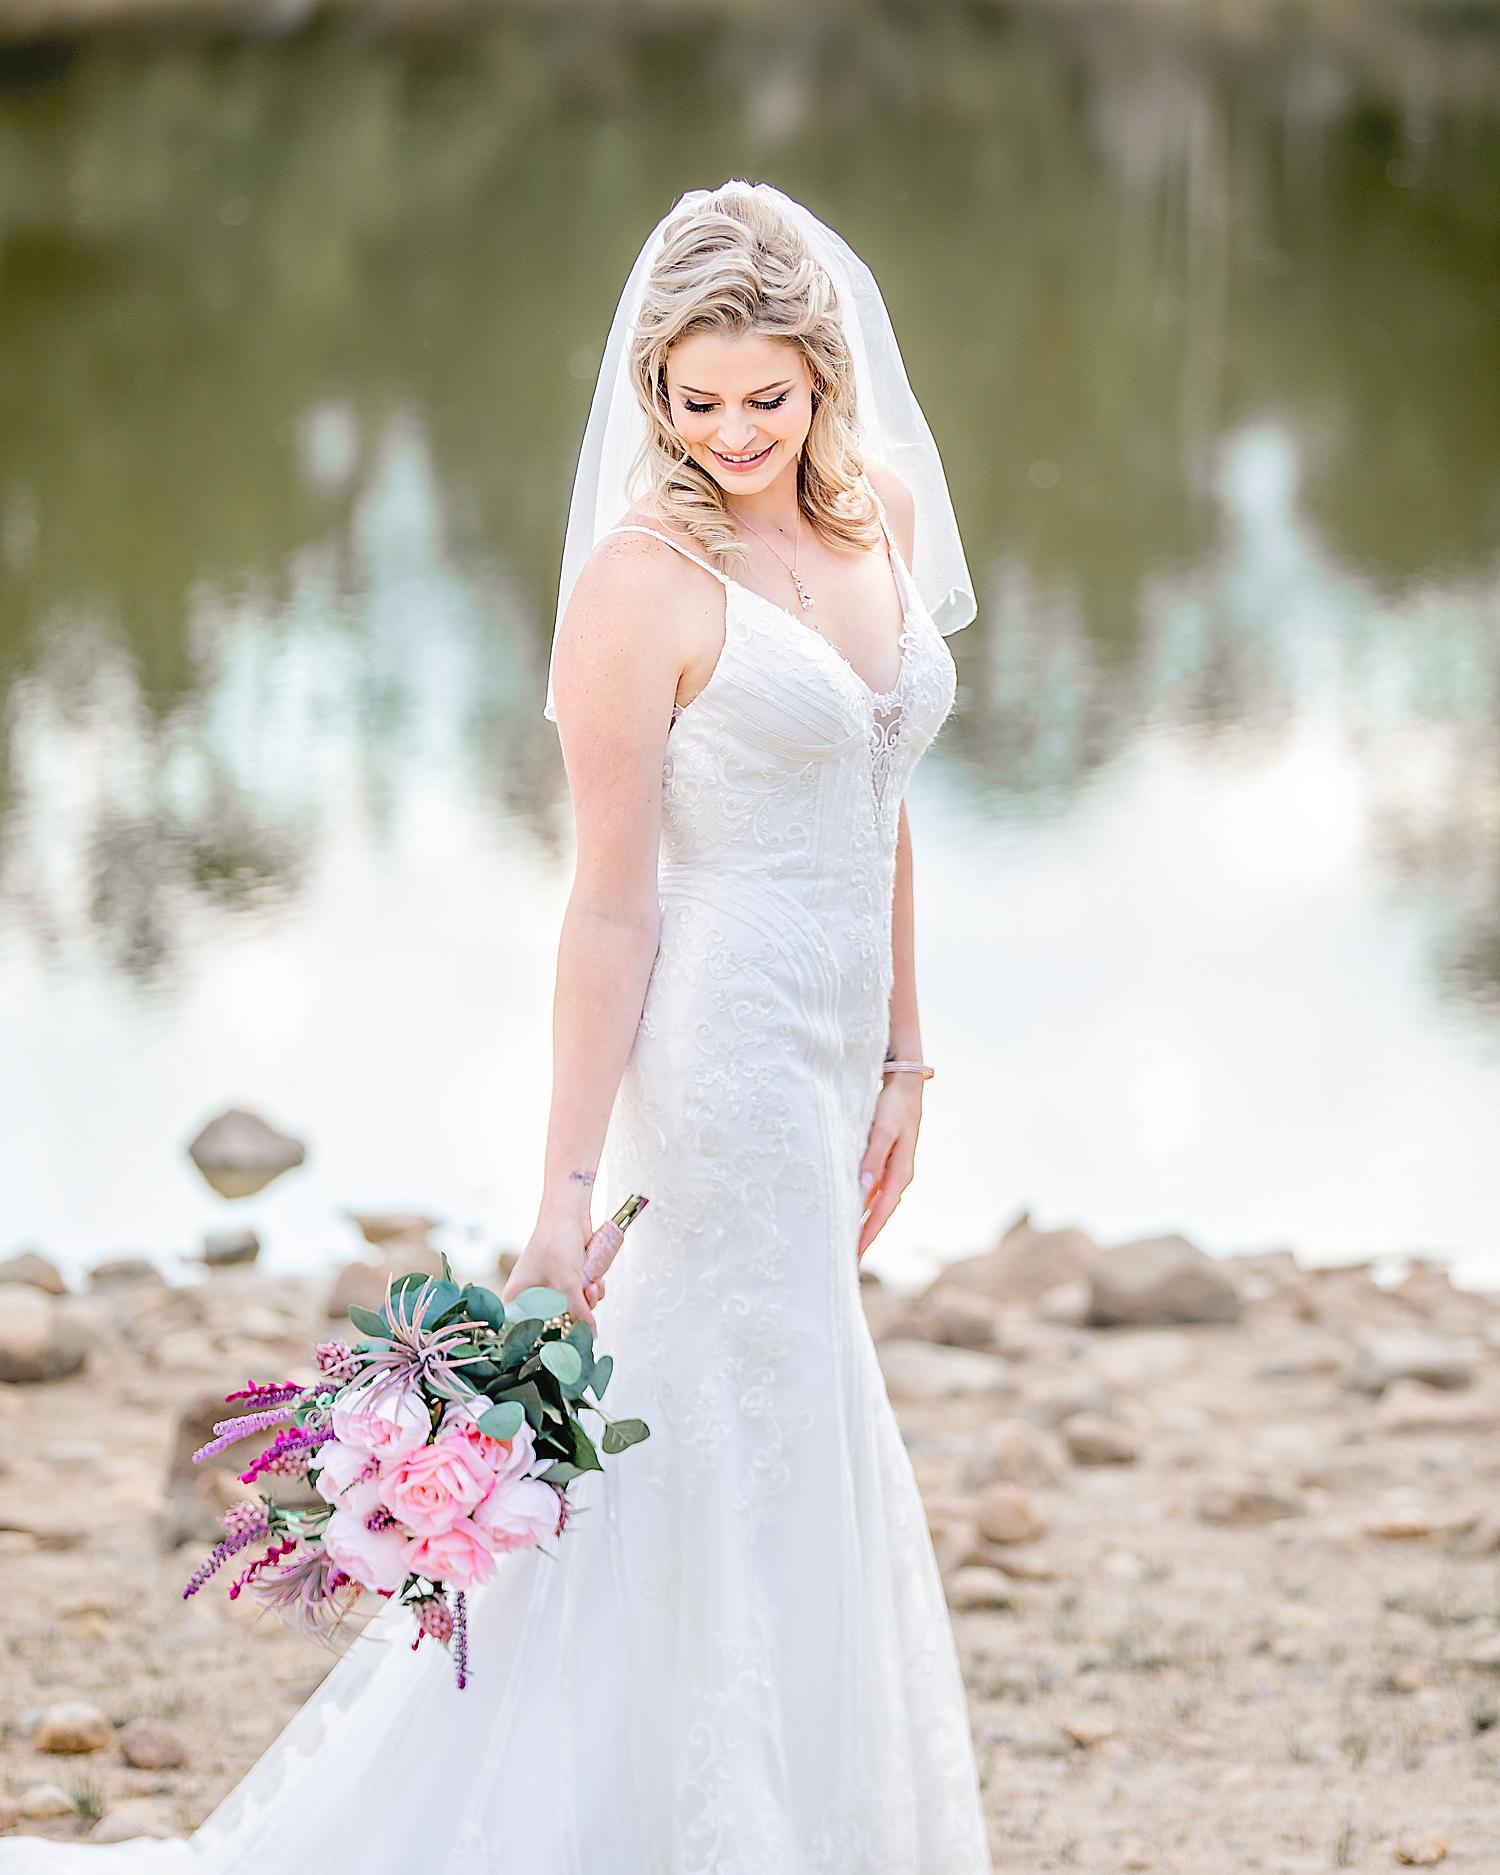 Carly-Barton-Photography-Rocky-Mountain-National-Park-Estes-Park-Wedding-Elopement_0013.jpg